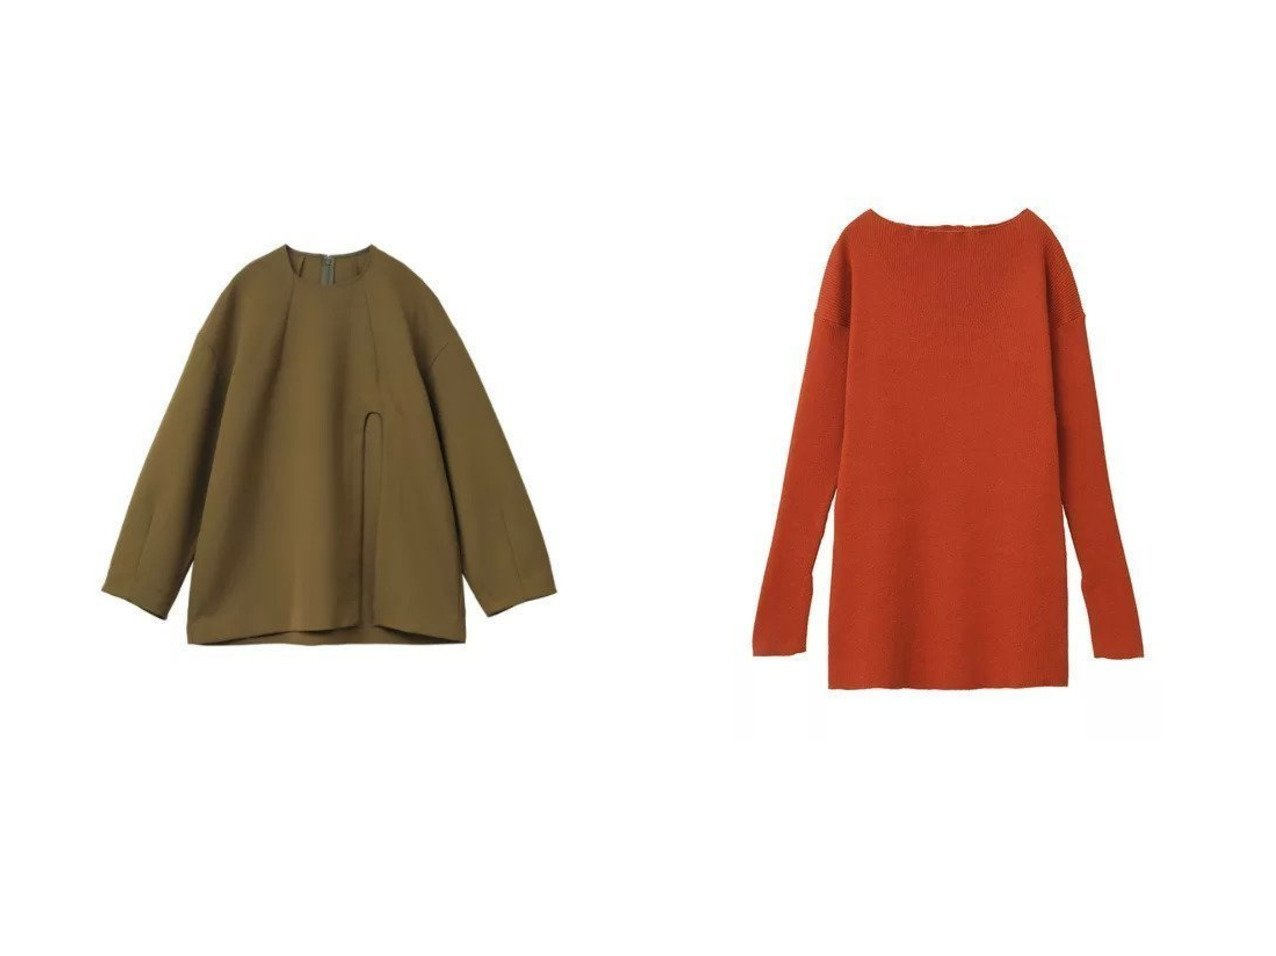 【CLANE/クラネ】のARCH CUT DOUBLE CLOTH TOPS&LOOSE SHAPE RIB KNIT TOPS 【トップス・カットソー】おすすめ!人気、トレンド・レディースファッションの通販 おすすめで人気の流行・トレンド、ファッションの通販商品 インテリア・家具・メンズファッション・キッズファッション・レディースファッション・服の通販 founy(ファニー) https://founy.com/ ファッション Fashion レディースファッション WOMEN トップス・カットソー Tops/Tshirt ニット Knit Tops 2021年 2021 2021-2022秋冬・A/W AW・Autumn/Winter・FW・Fall-Winter・2021-2022 A/W・秋冬 AW・Autumn/Winter・FW・Fall-Winter スリット ダブル ワンポイント おすすめ Recommend オレンジ シェイプ シンプル ストレッチ セーター フィット  ID:crp329100000049532